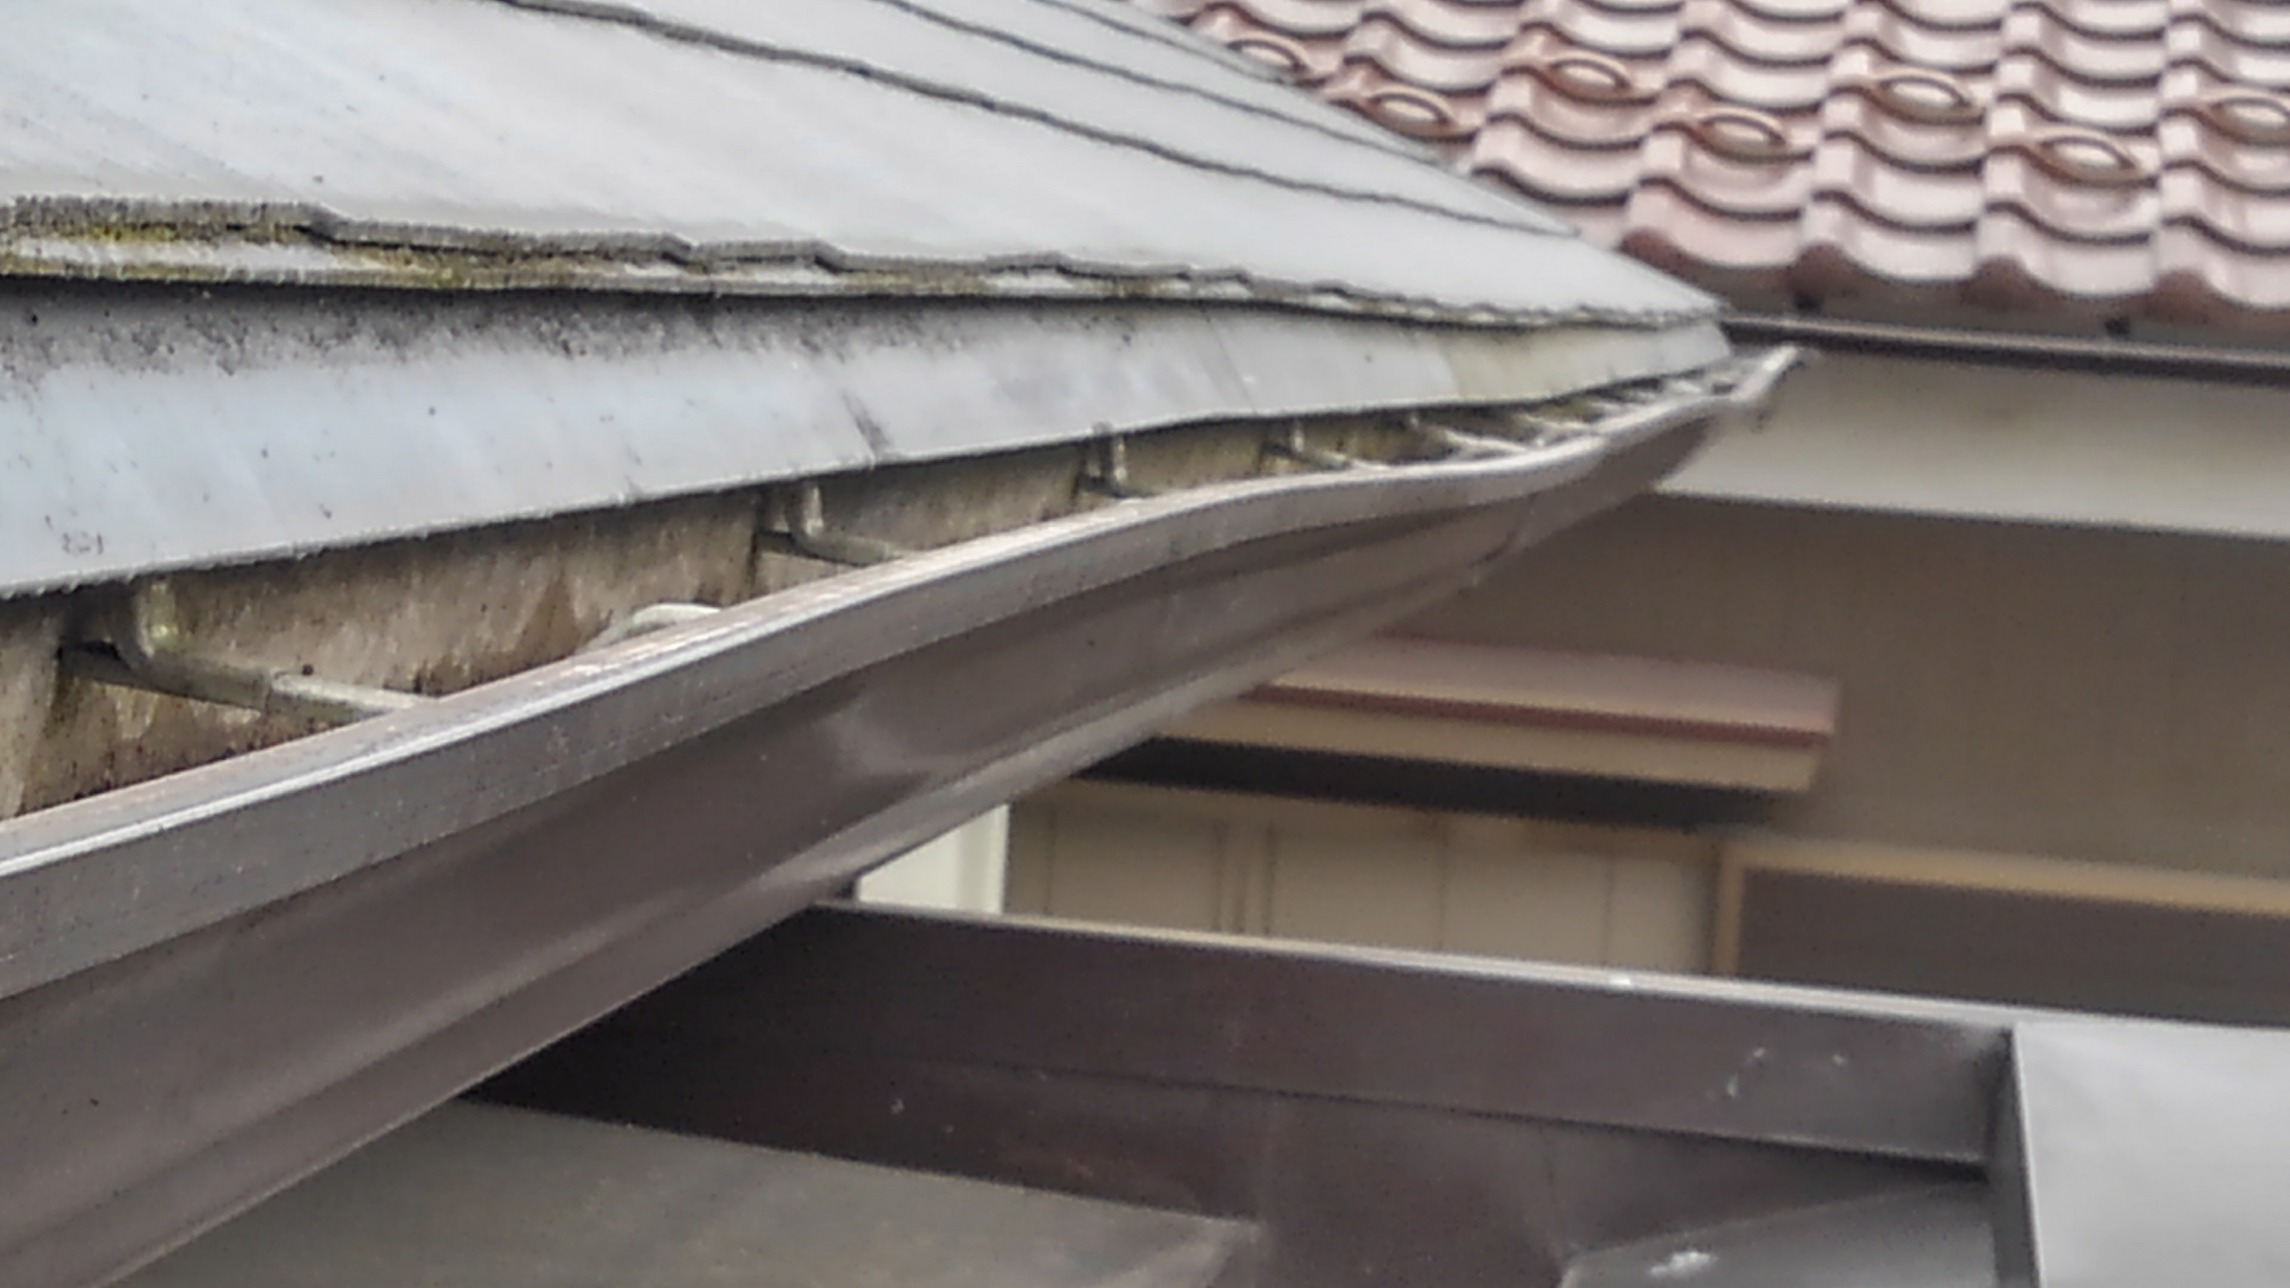 群馬県で雨どい屋根修理工事なら住まいのメンテ